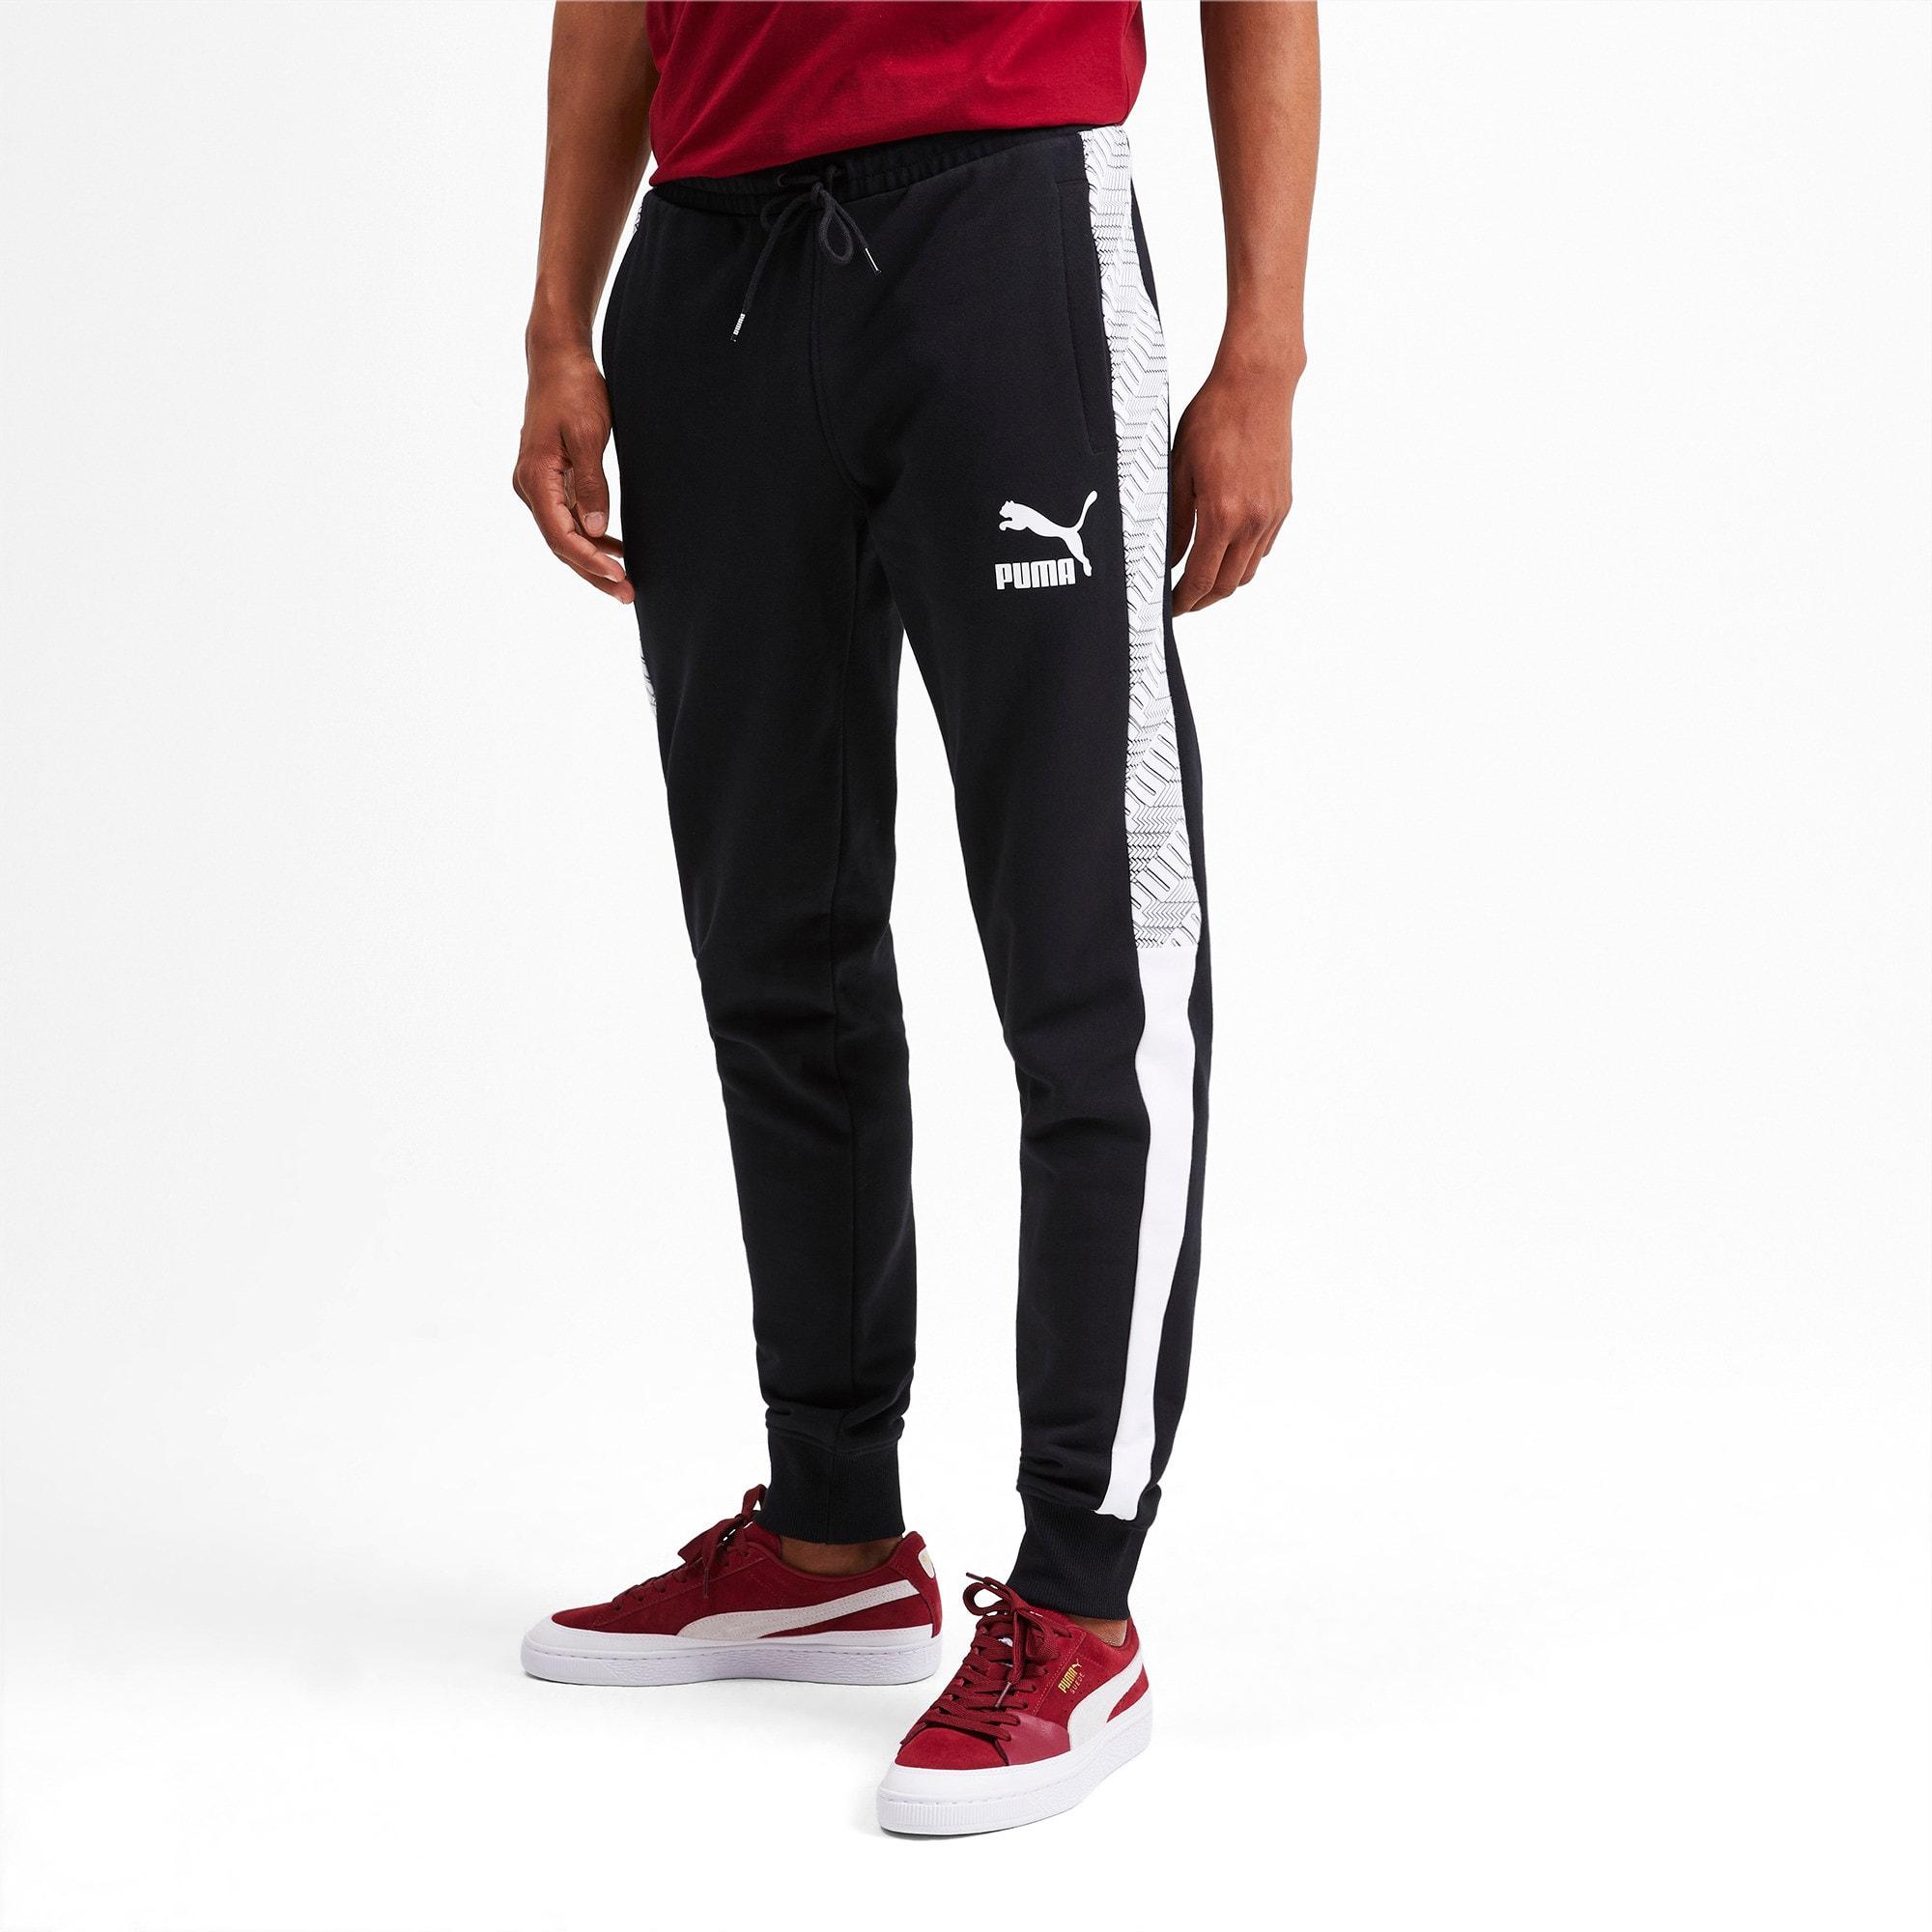 Thumbnail 2 of T7 Men's AOP Track Pants, Puma Black-Repeat logo, medium